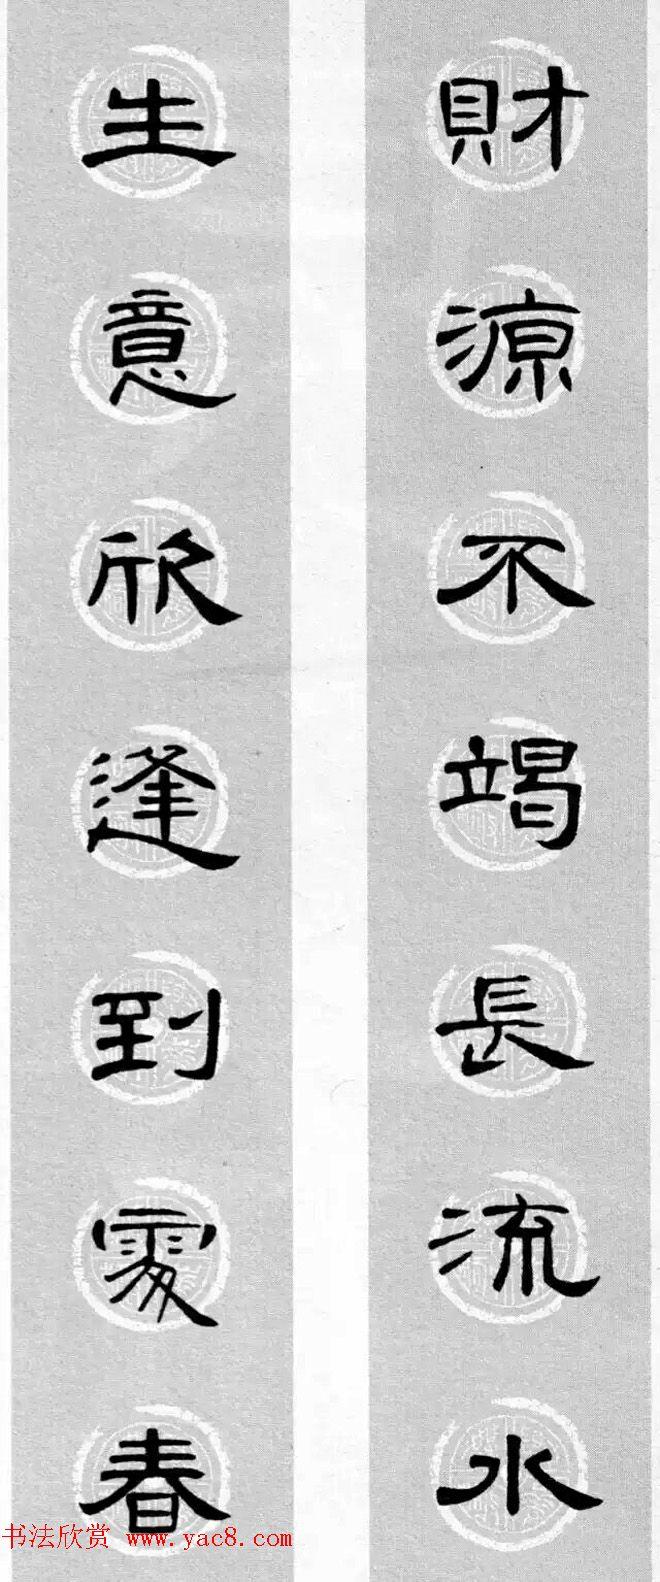 隶书书法春联 曹全碑集字七言春联合辑 第13页 书法 ...